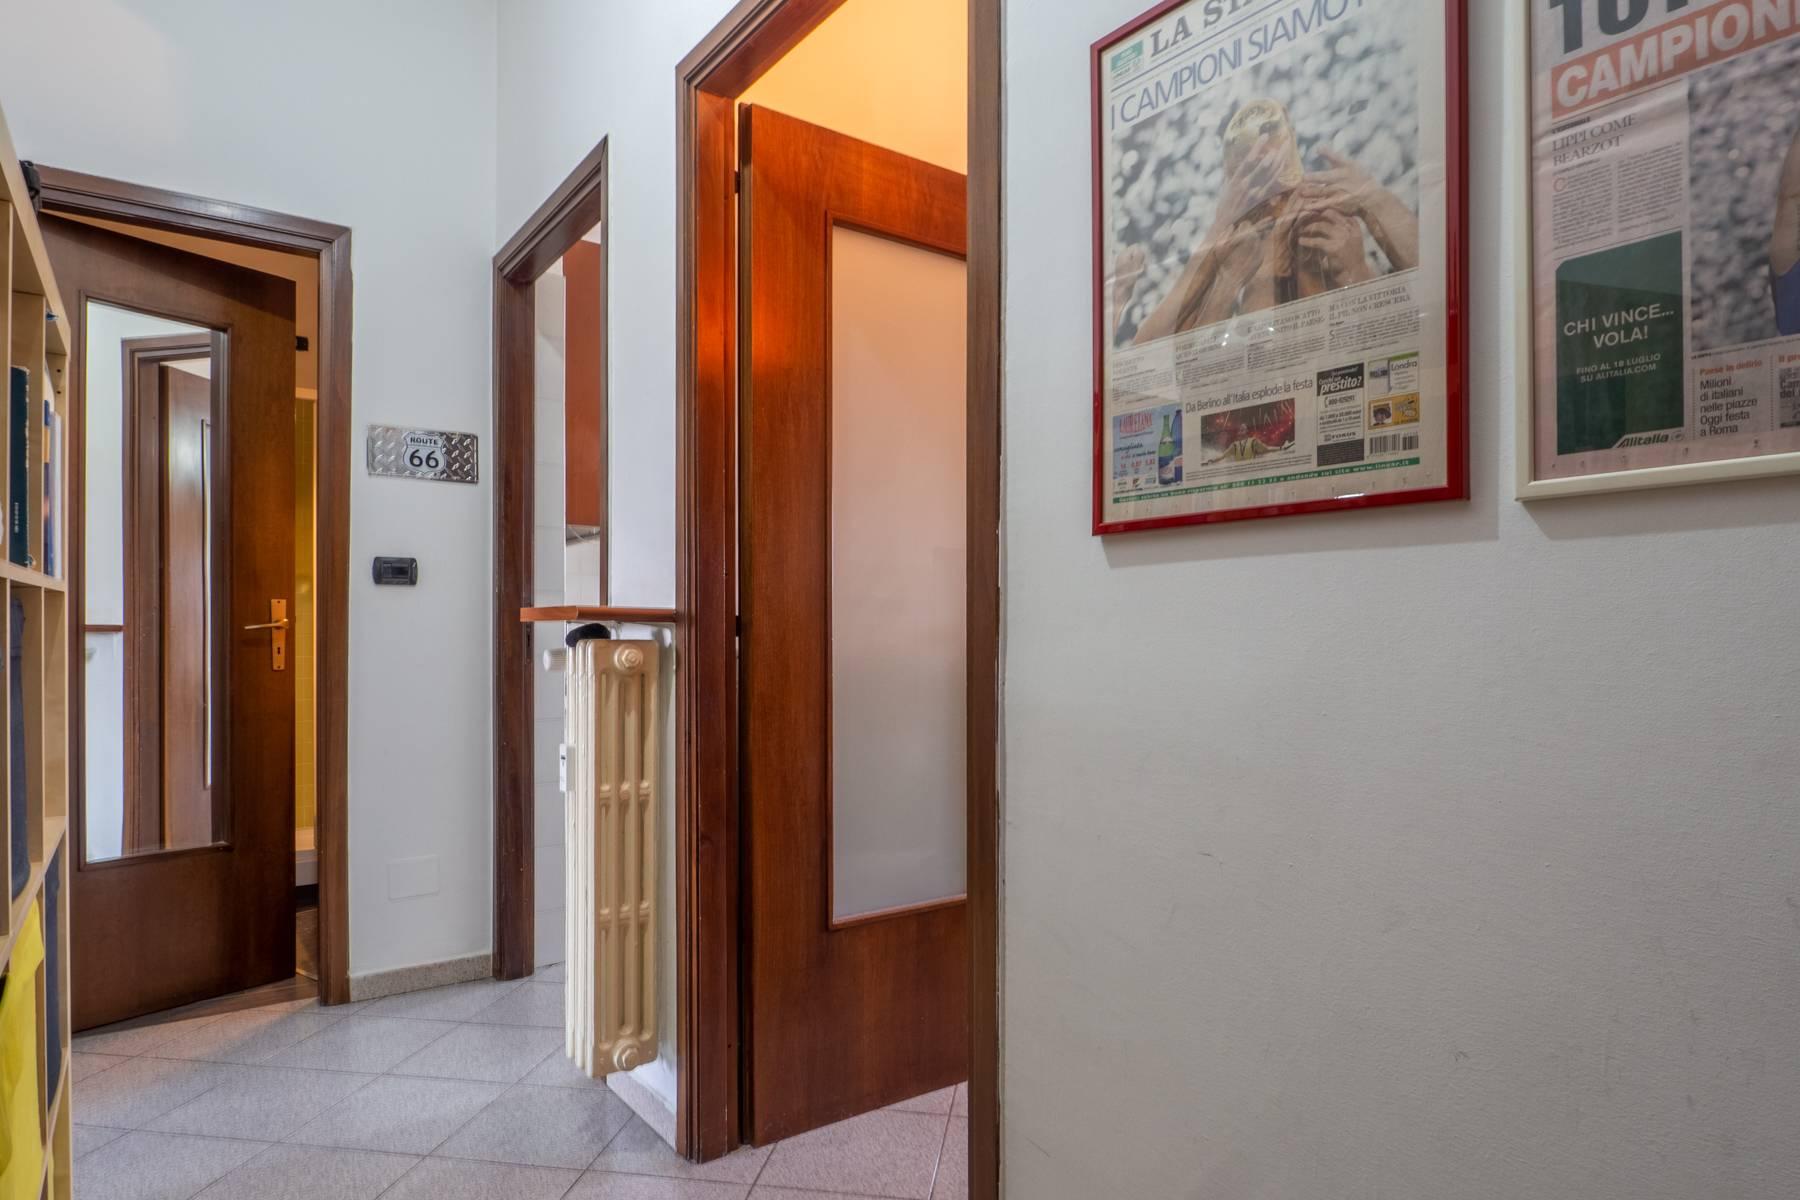 Appartamento in Vendita a Torino: 3 locali, 75 mq - Foto 6